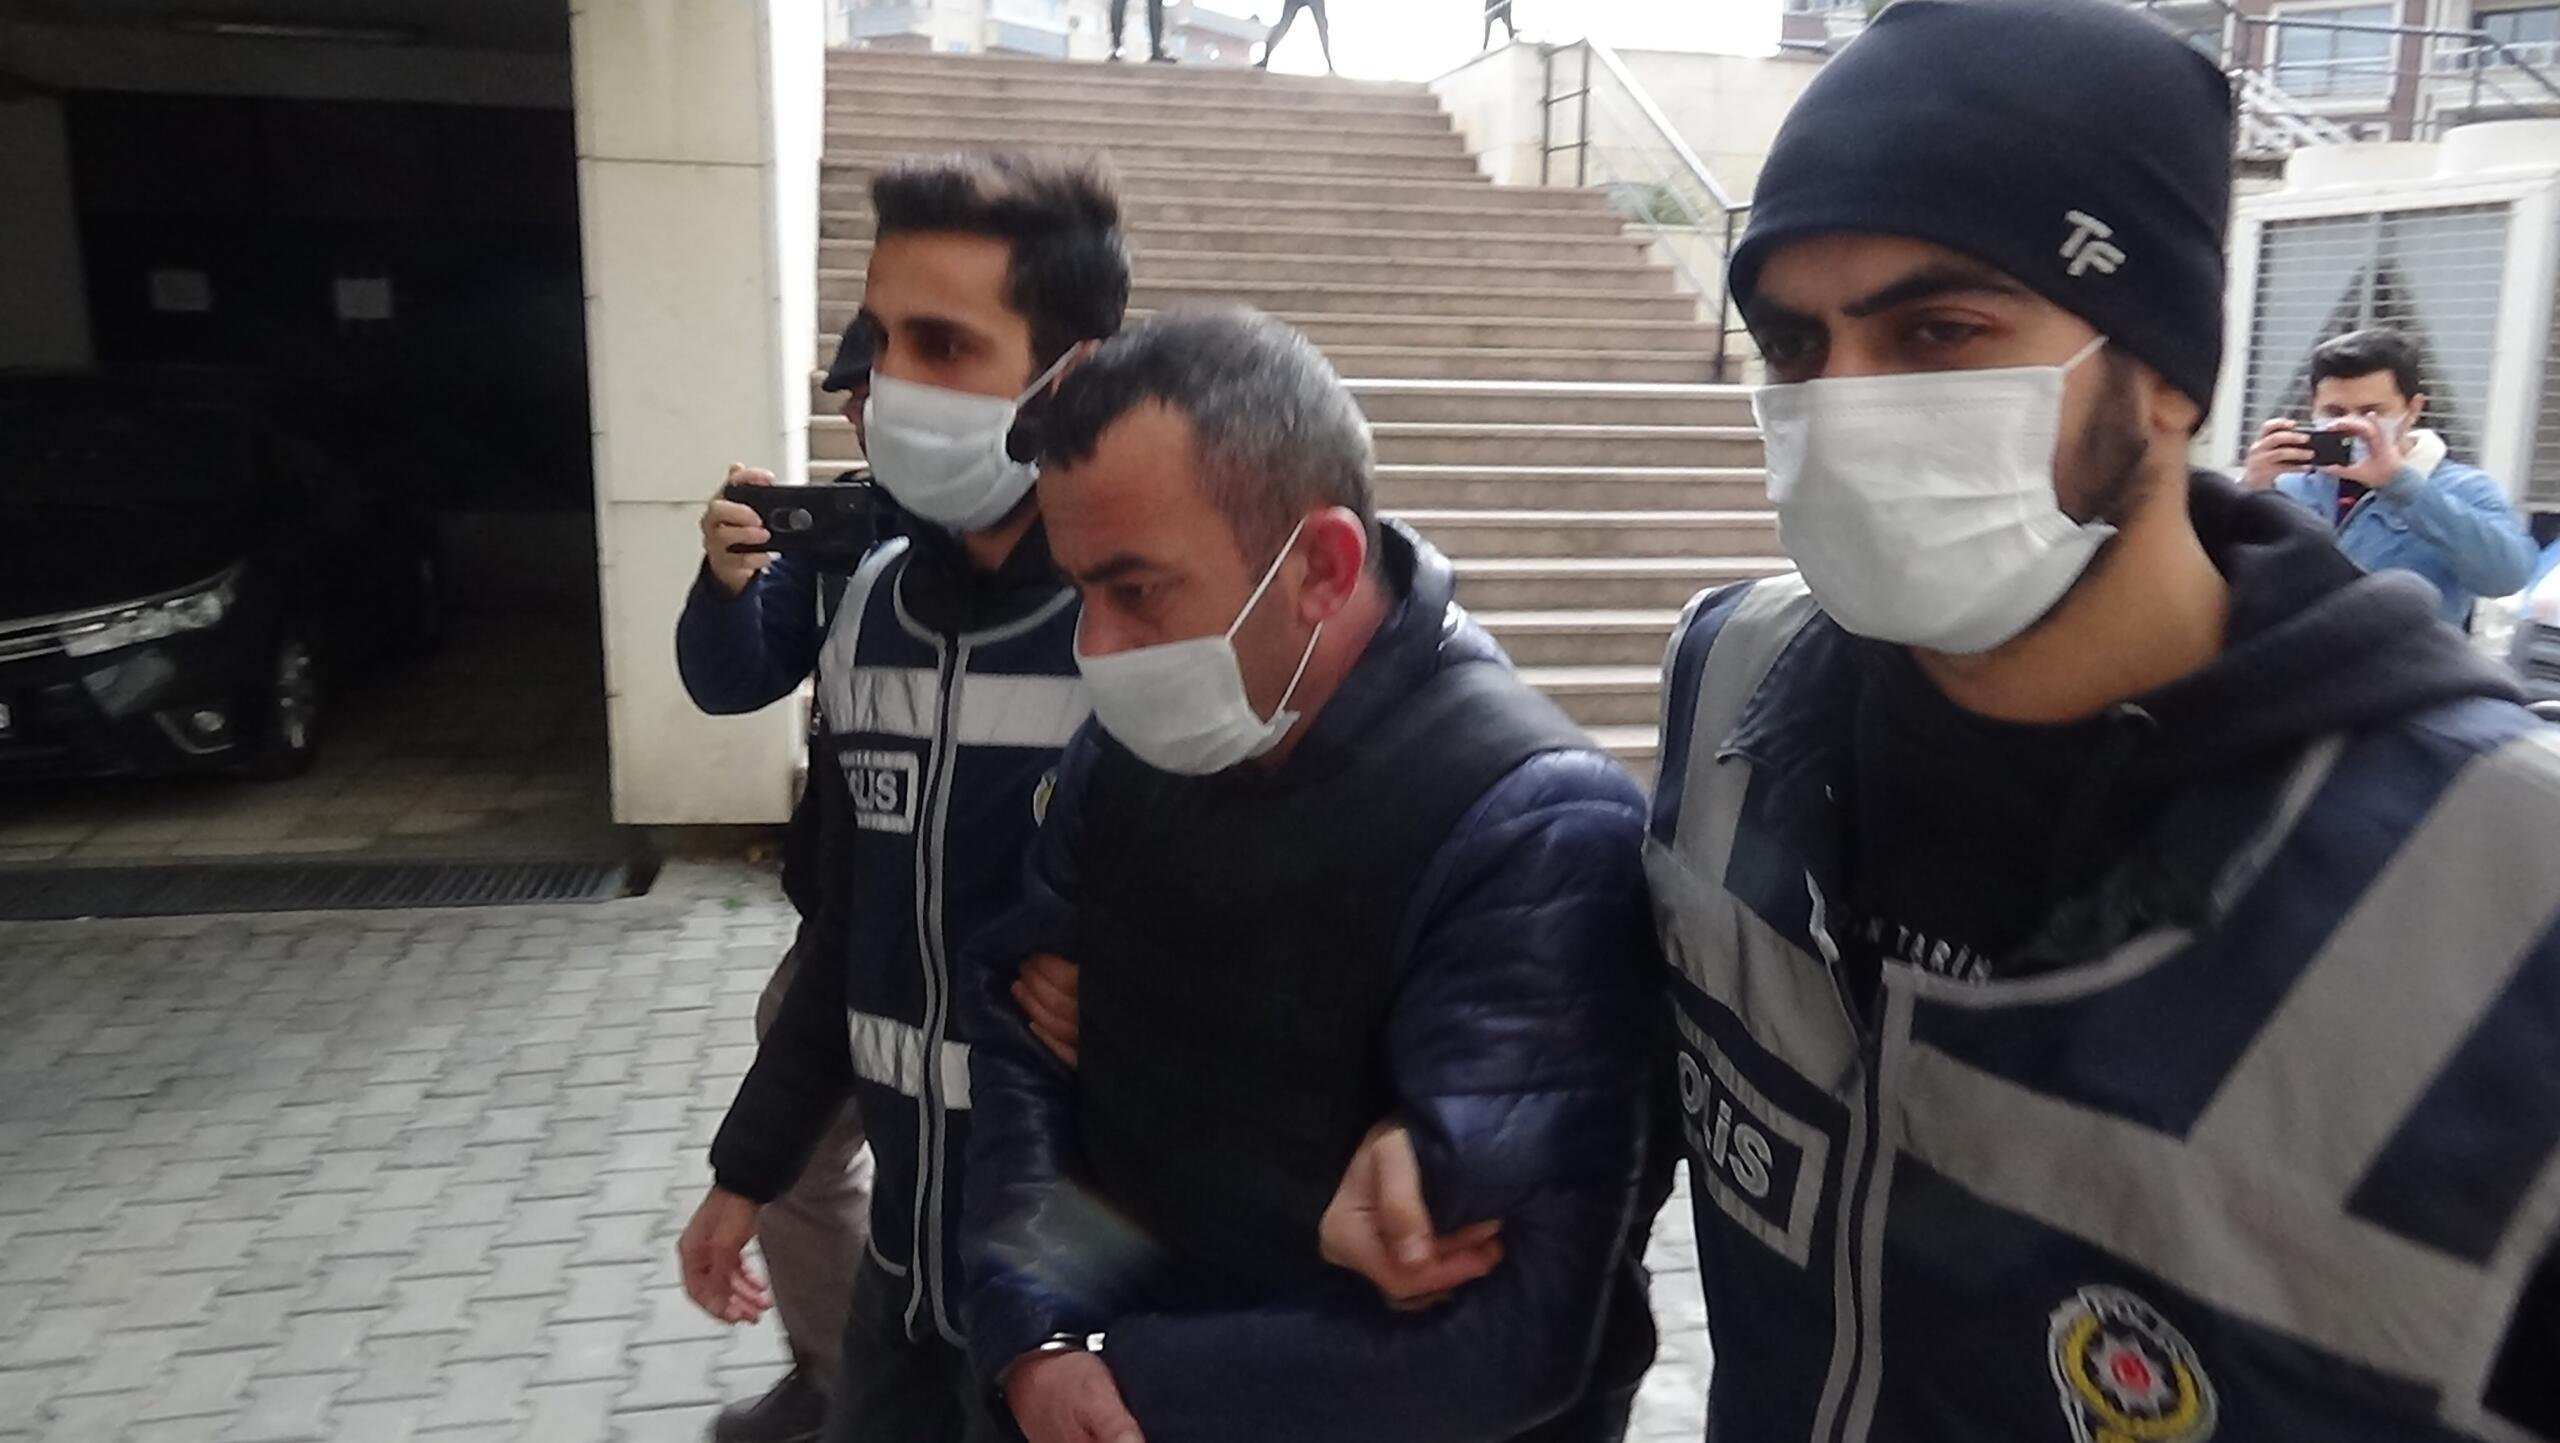 Edremit'te bir kadın cinayeti daha! Eşini tüfekle vurdu